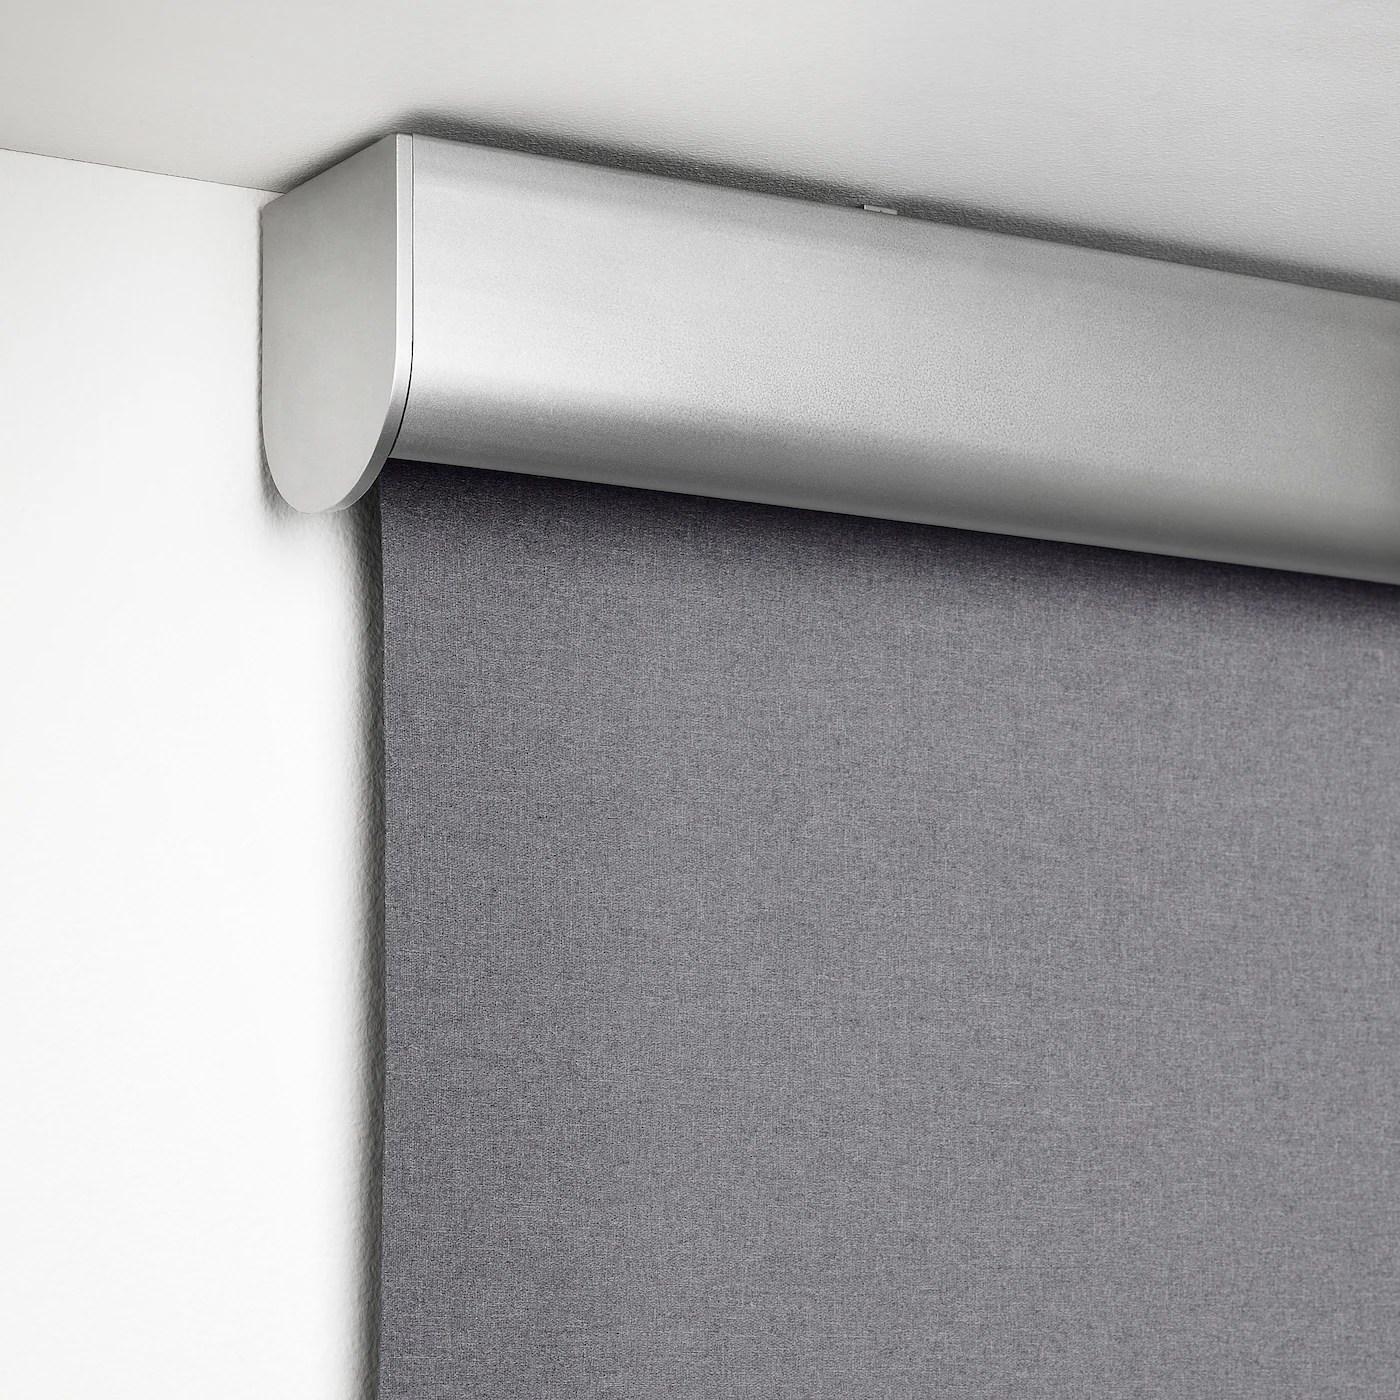 Sono adate per fissaggio su parete, soffitto o infisso. Tretur Tenda A Rullo Oscurante Grigio Chiaro 120x195 Cm Ikea It